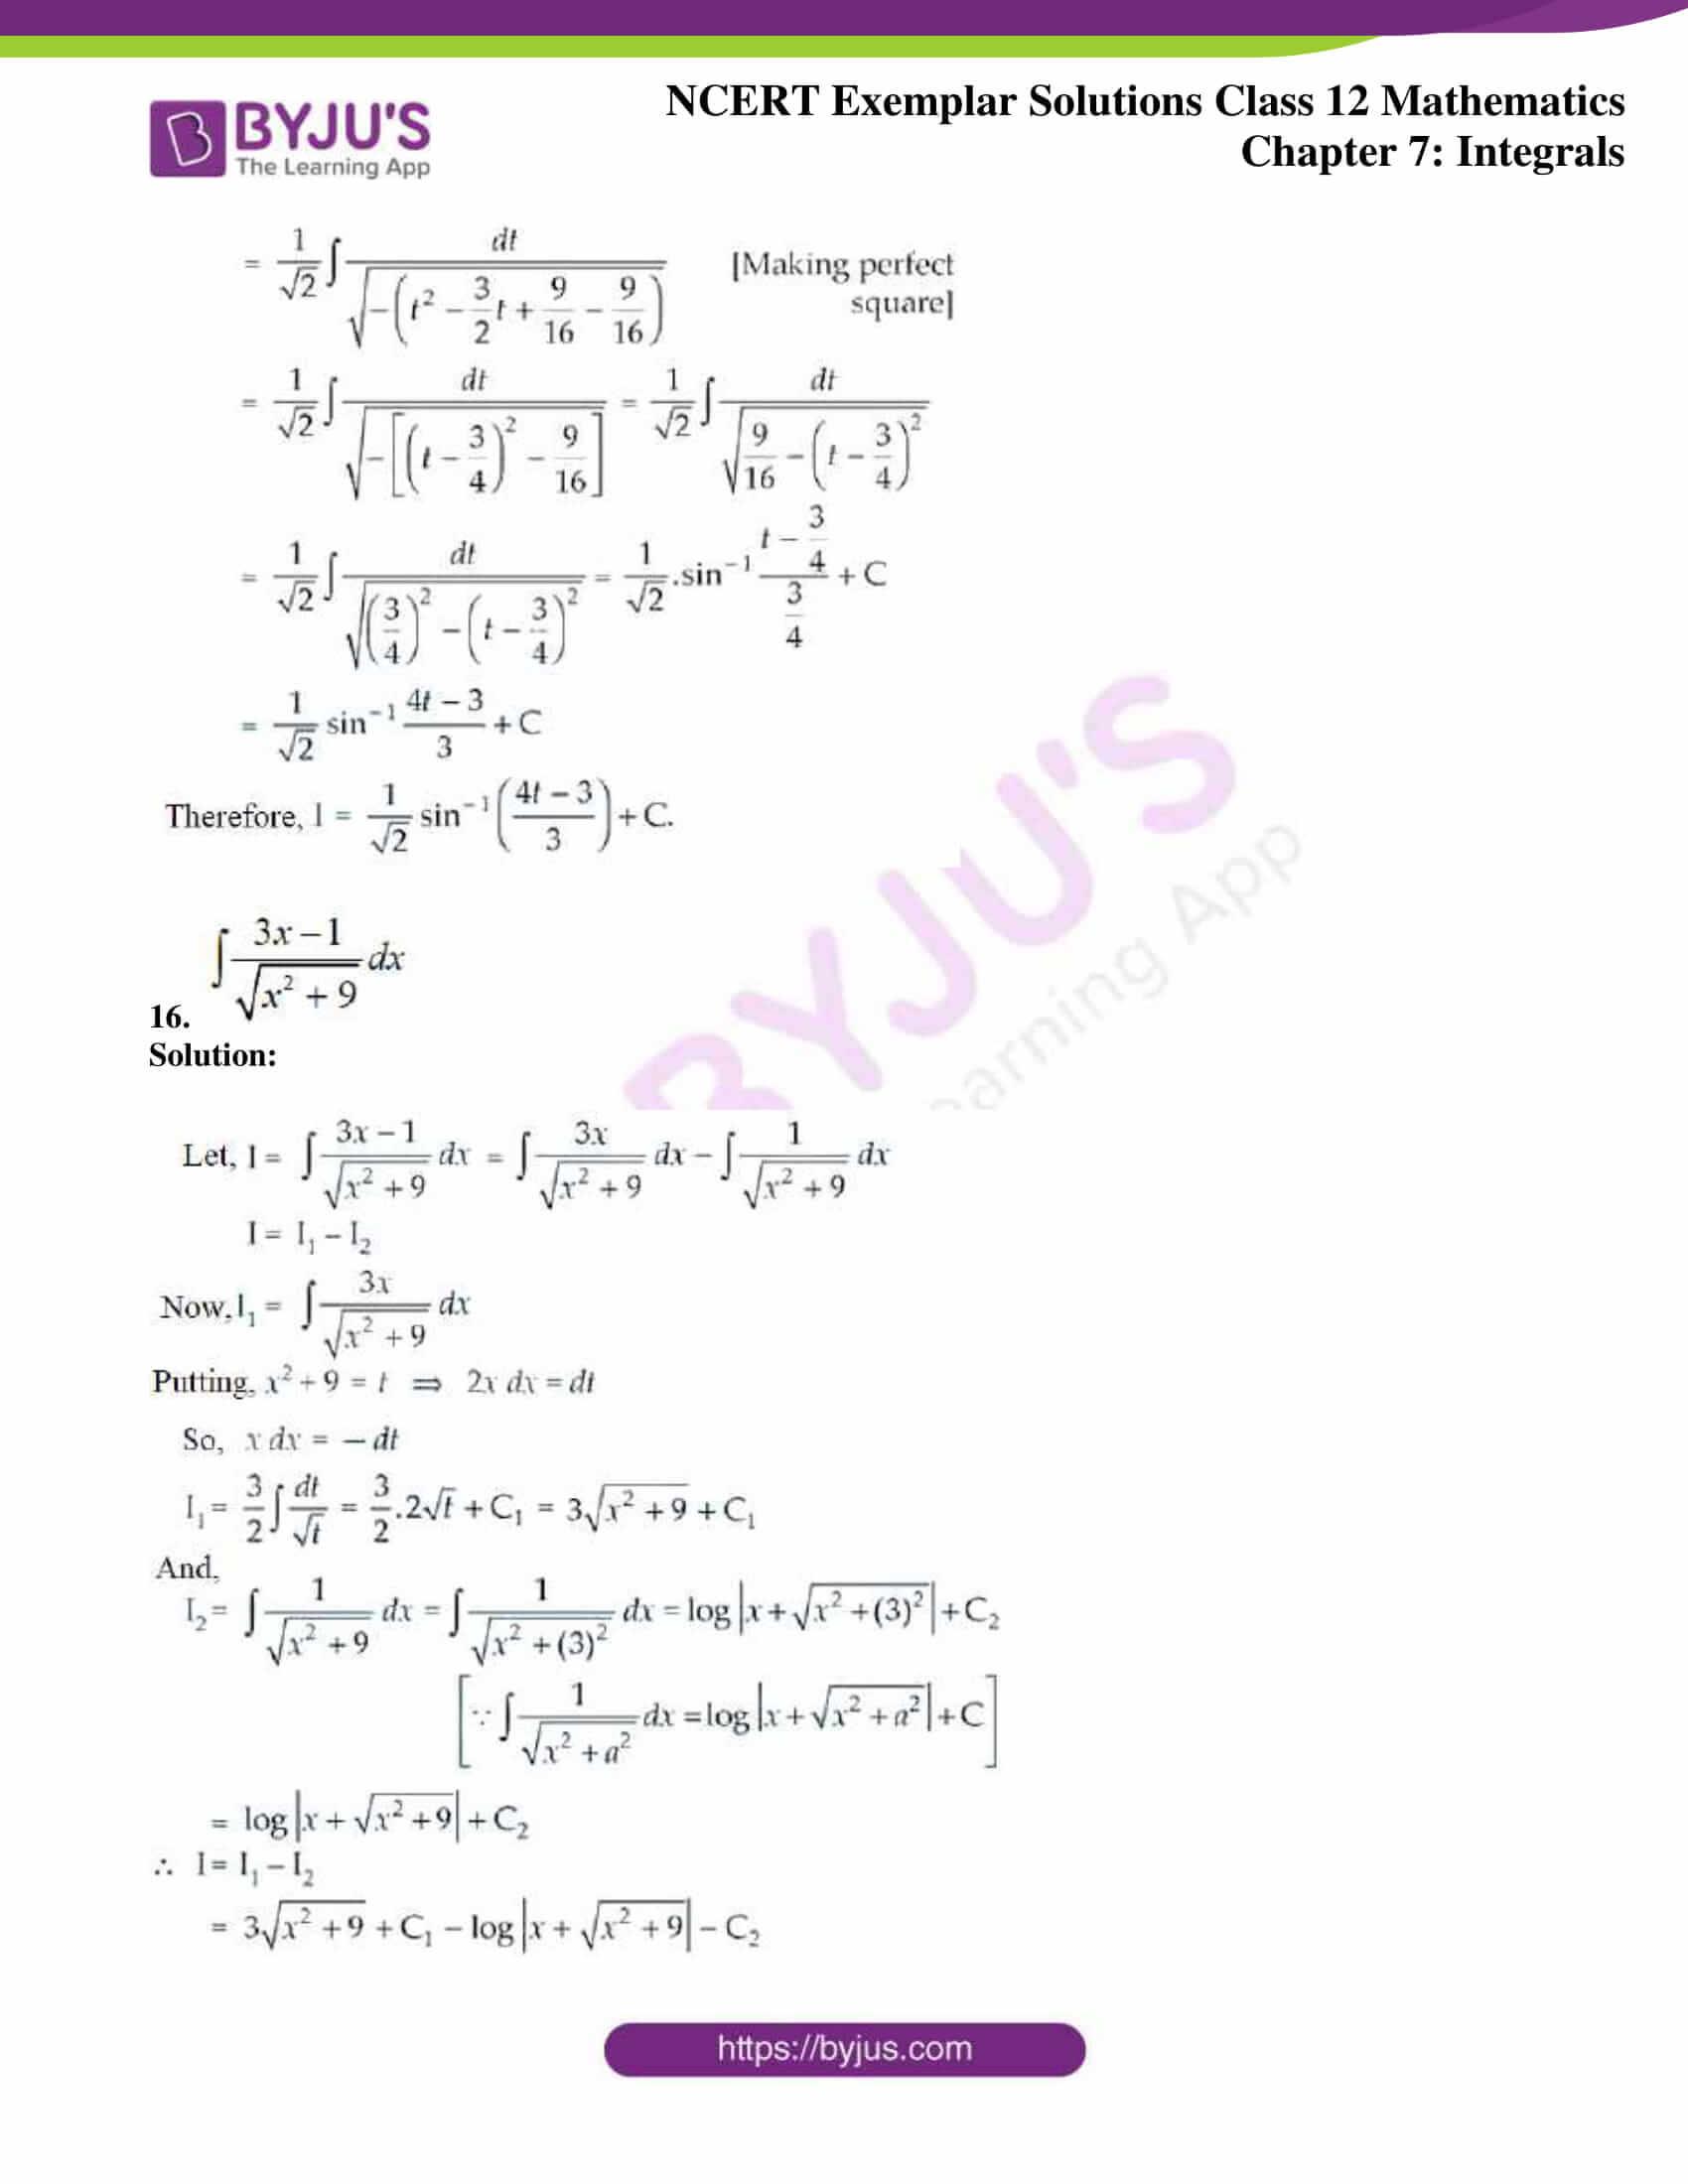 ncert exemplar sol class 12 mathematics ch 7 08